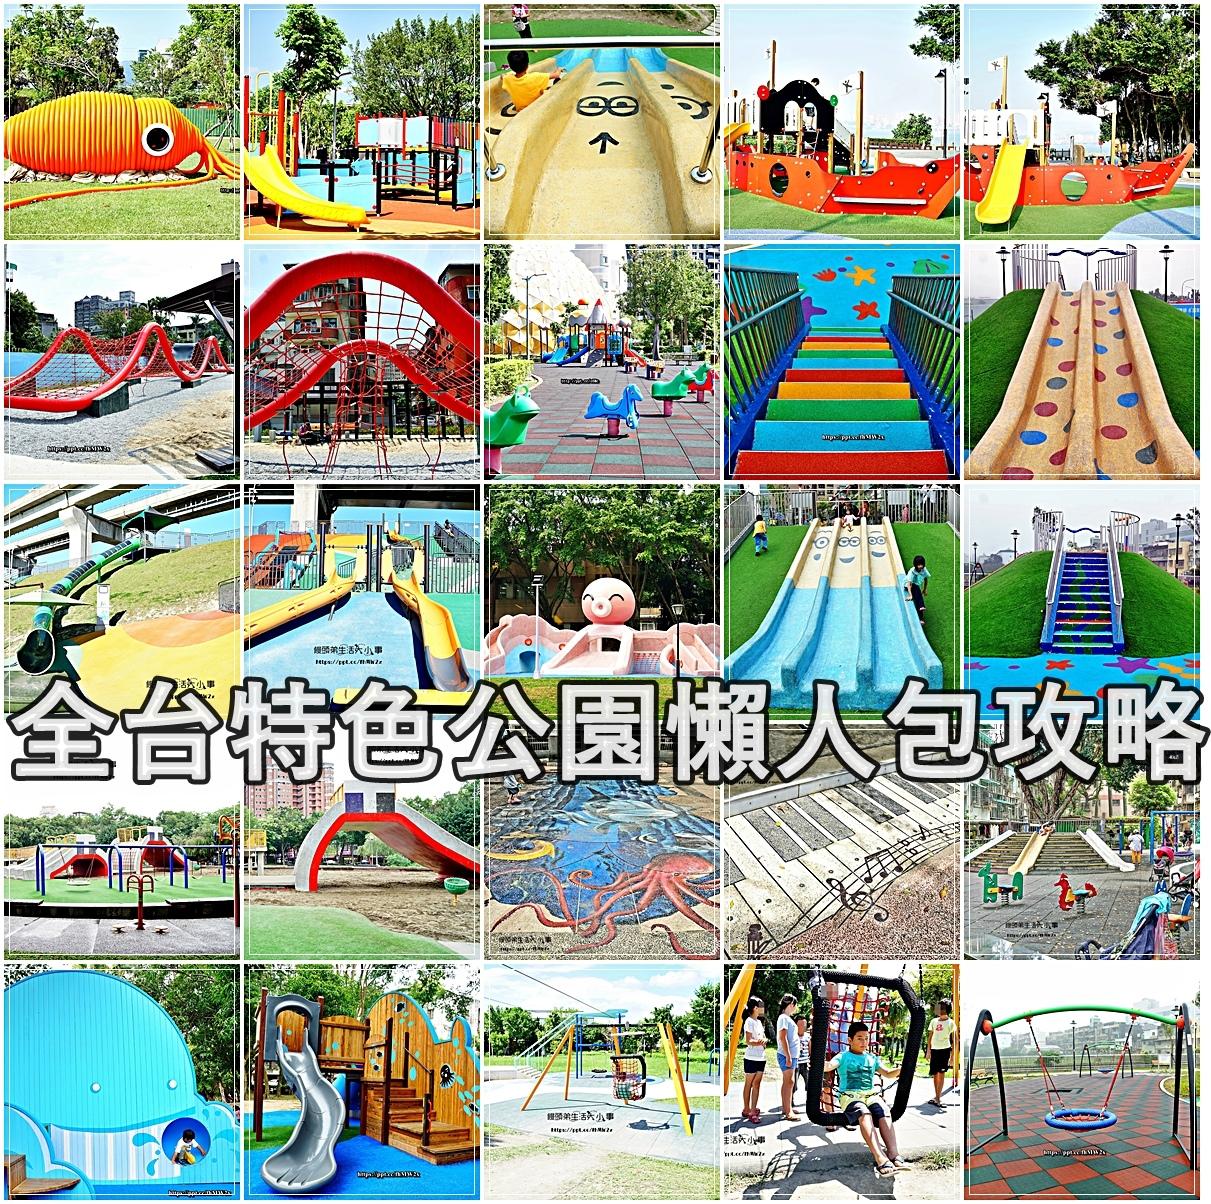 【全台特色公園懶人包攻略】精選15座特色公園~誰說出門玩一定要花錢?無料公園遛小孩,小孩玩翻天,爸媽們快來收藏